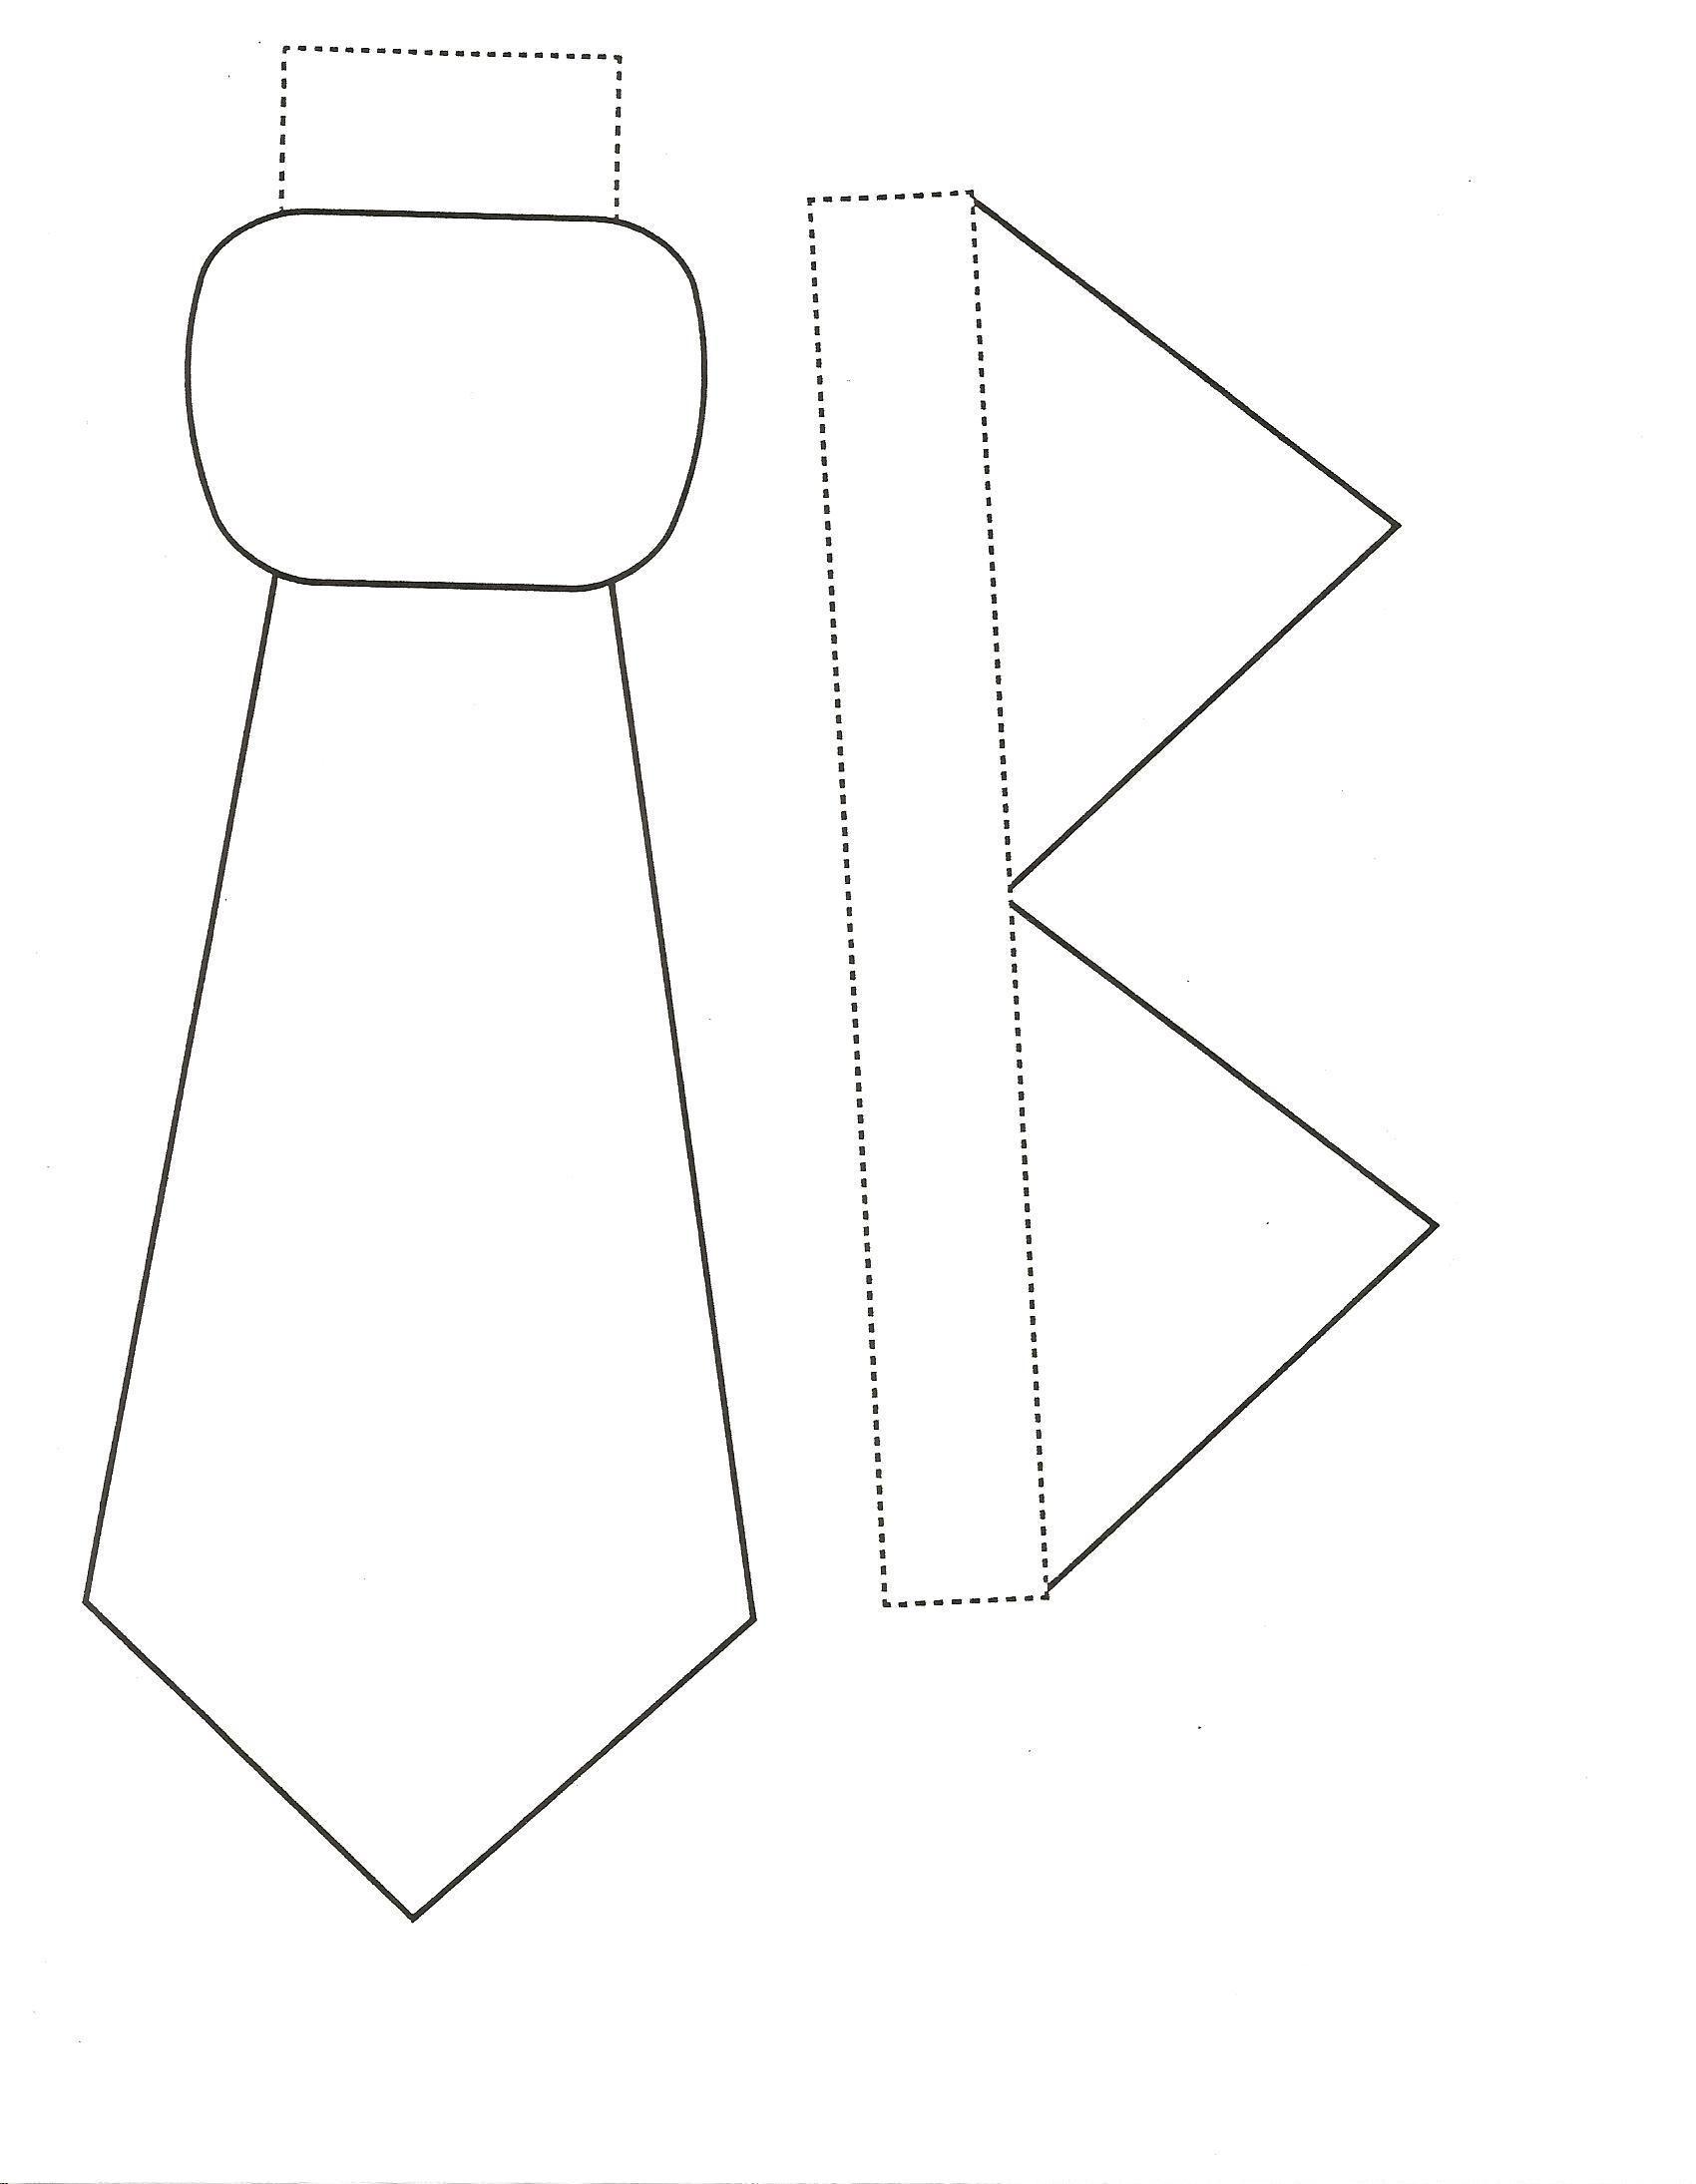 Открытка для папы рубашка с галстуком шаблон